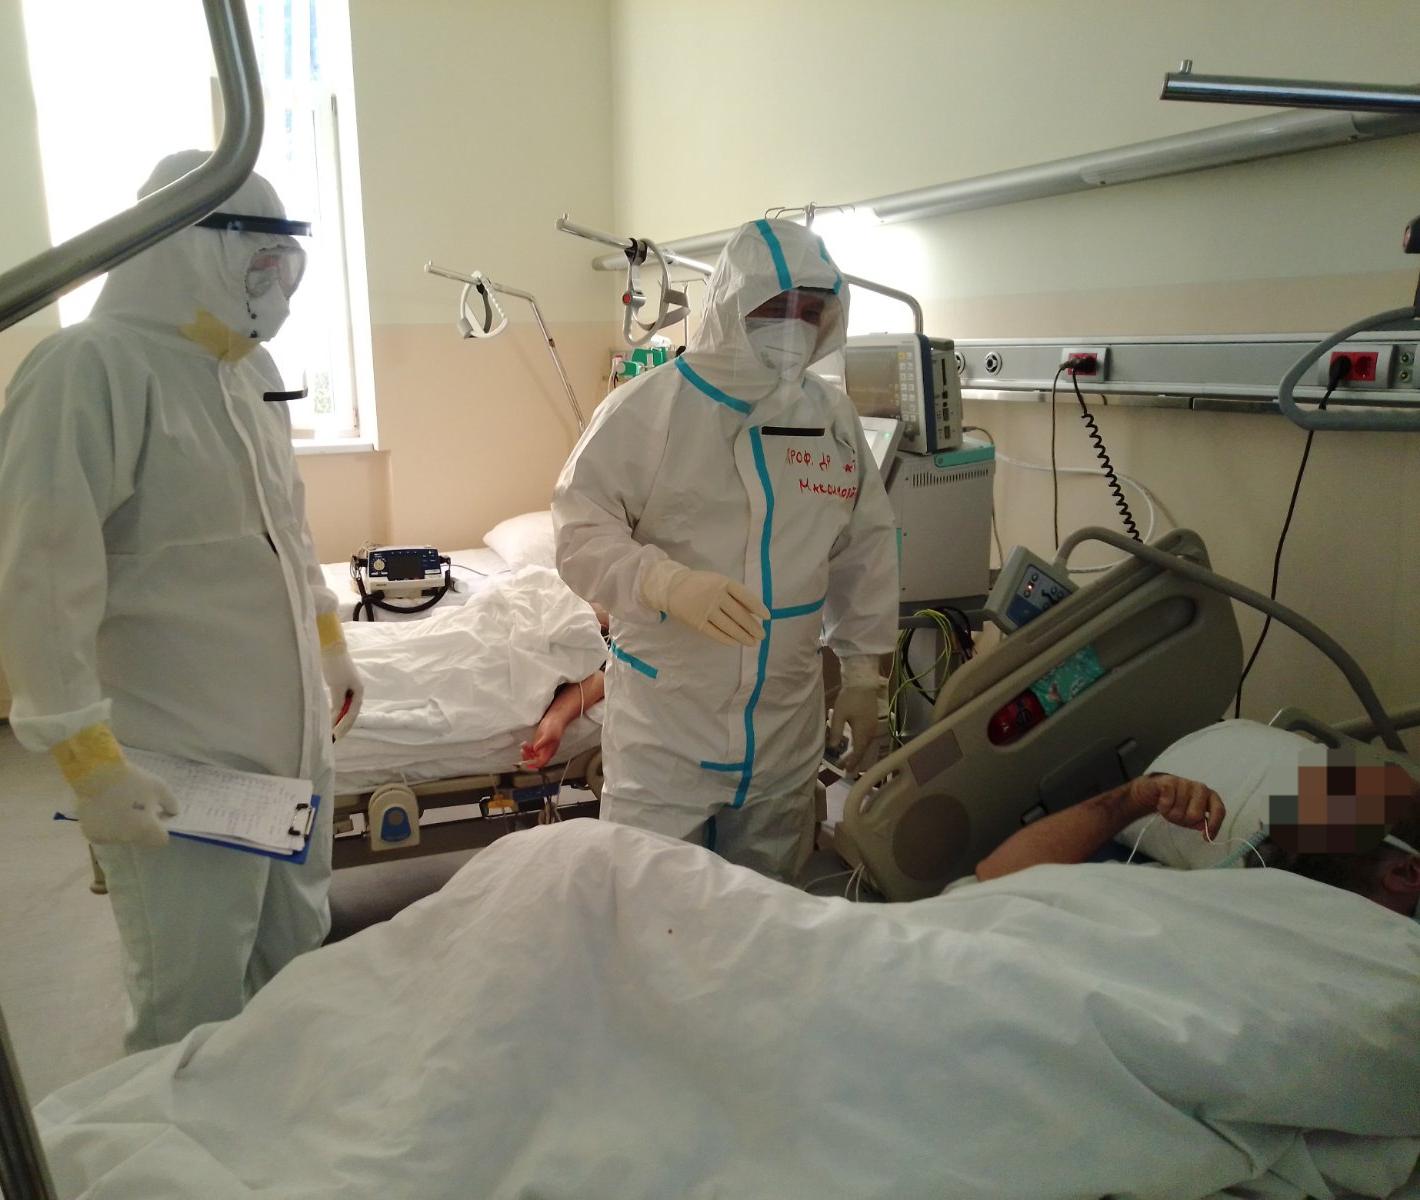 U Bijeljini 50 novozaraženih, jedna osoba preminula